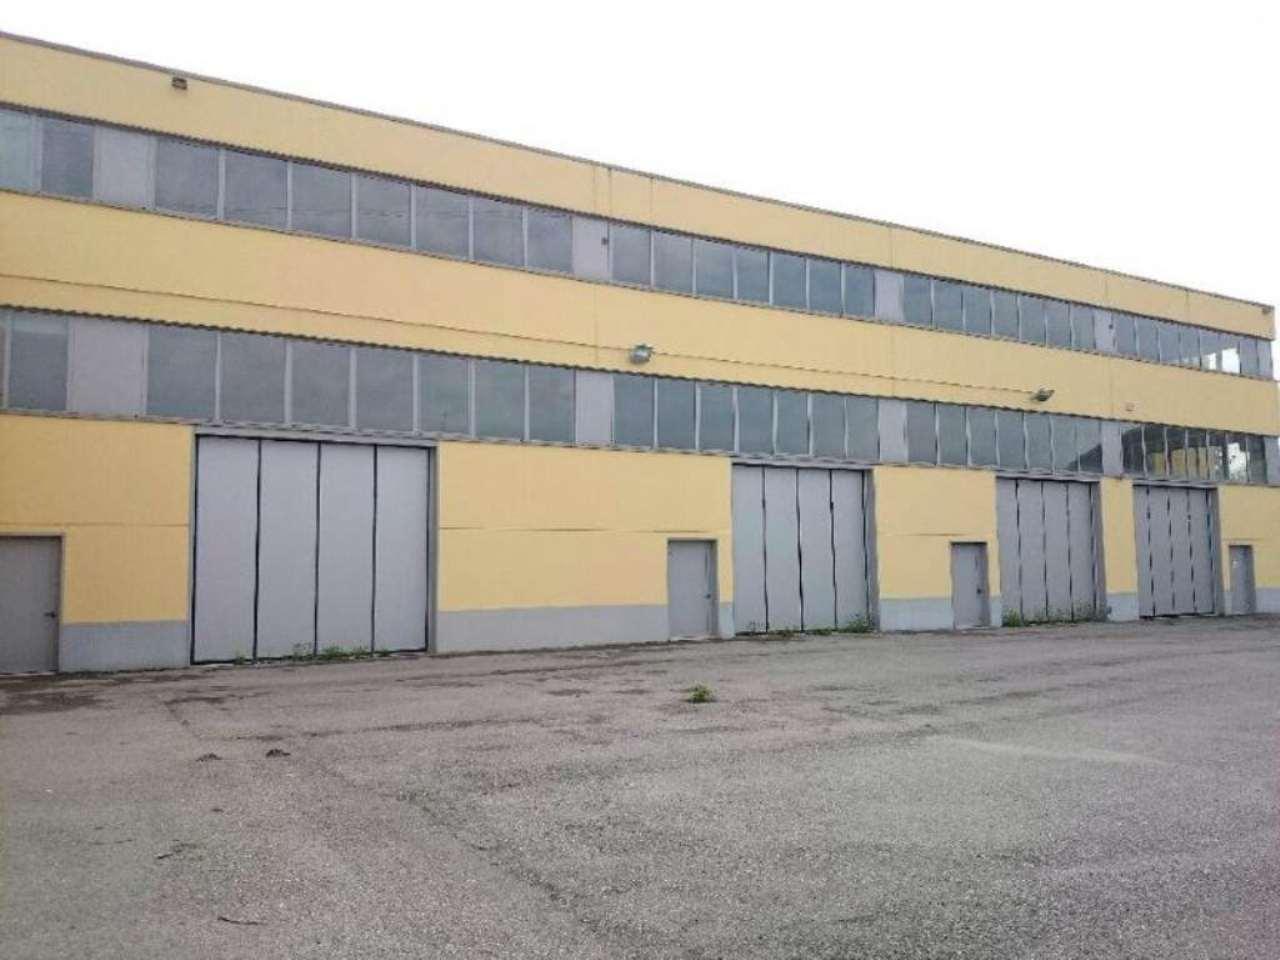 Capannone in vendita a Vimodrone, 9999 locali, Trattative riservate | Cambio Casa.it